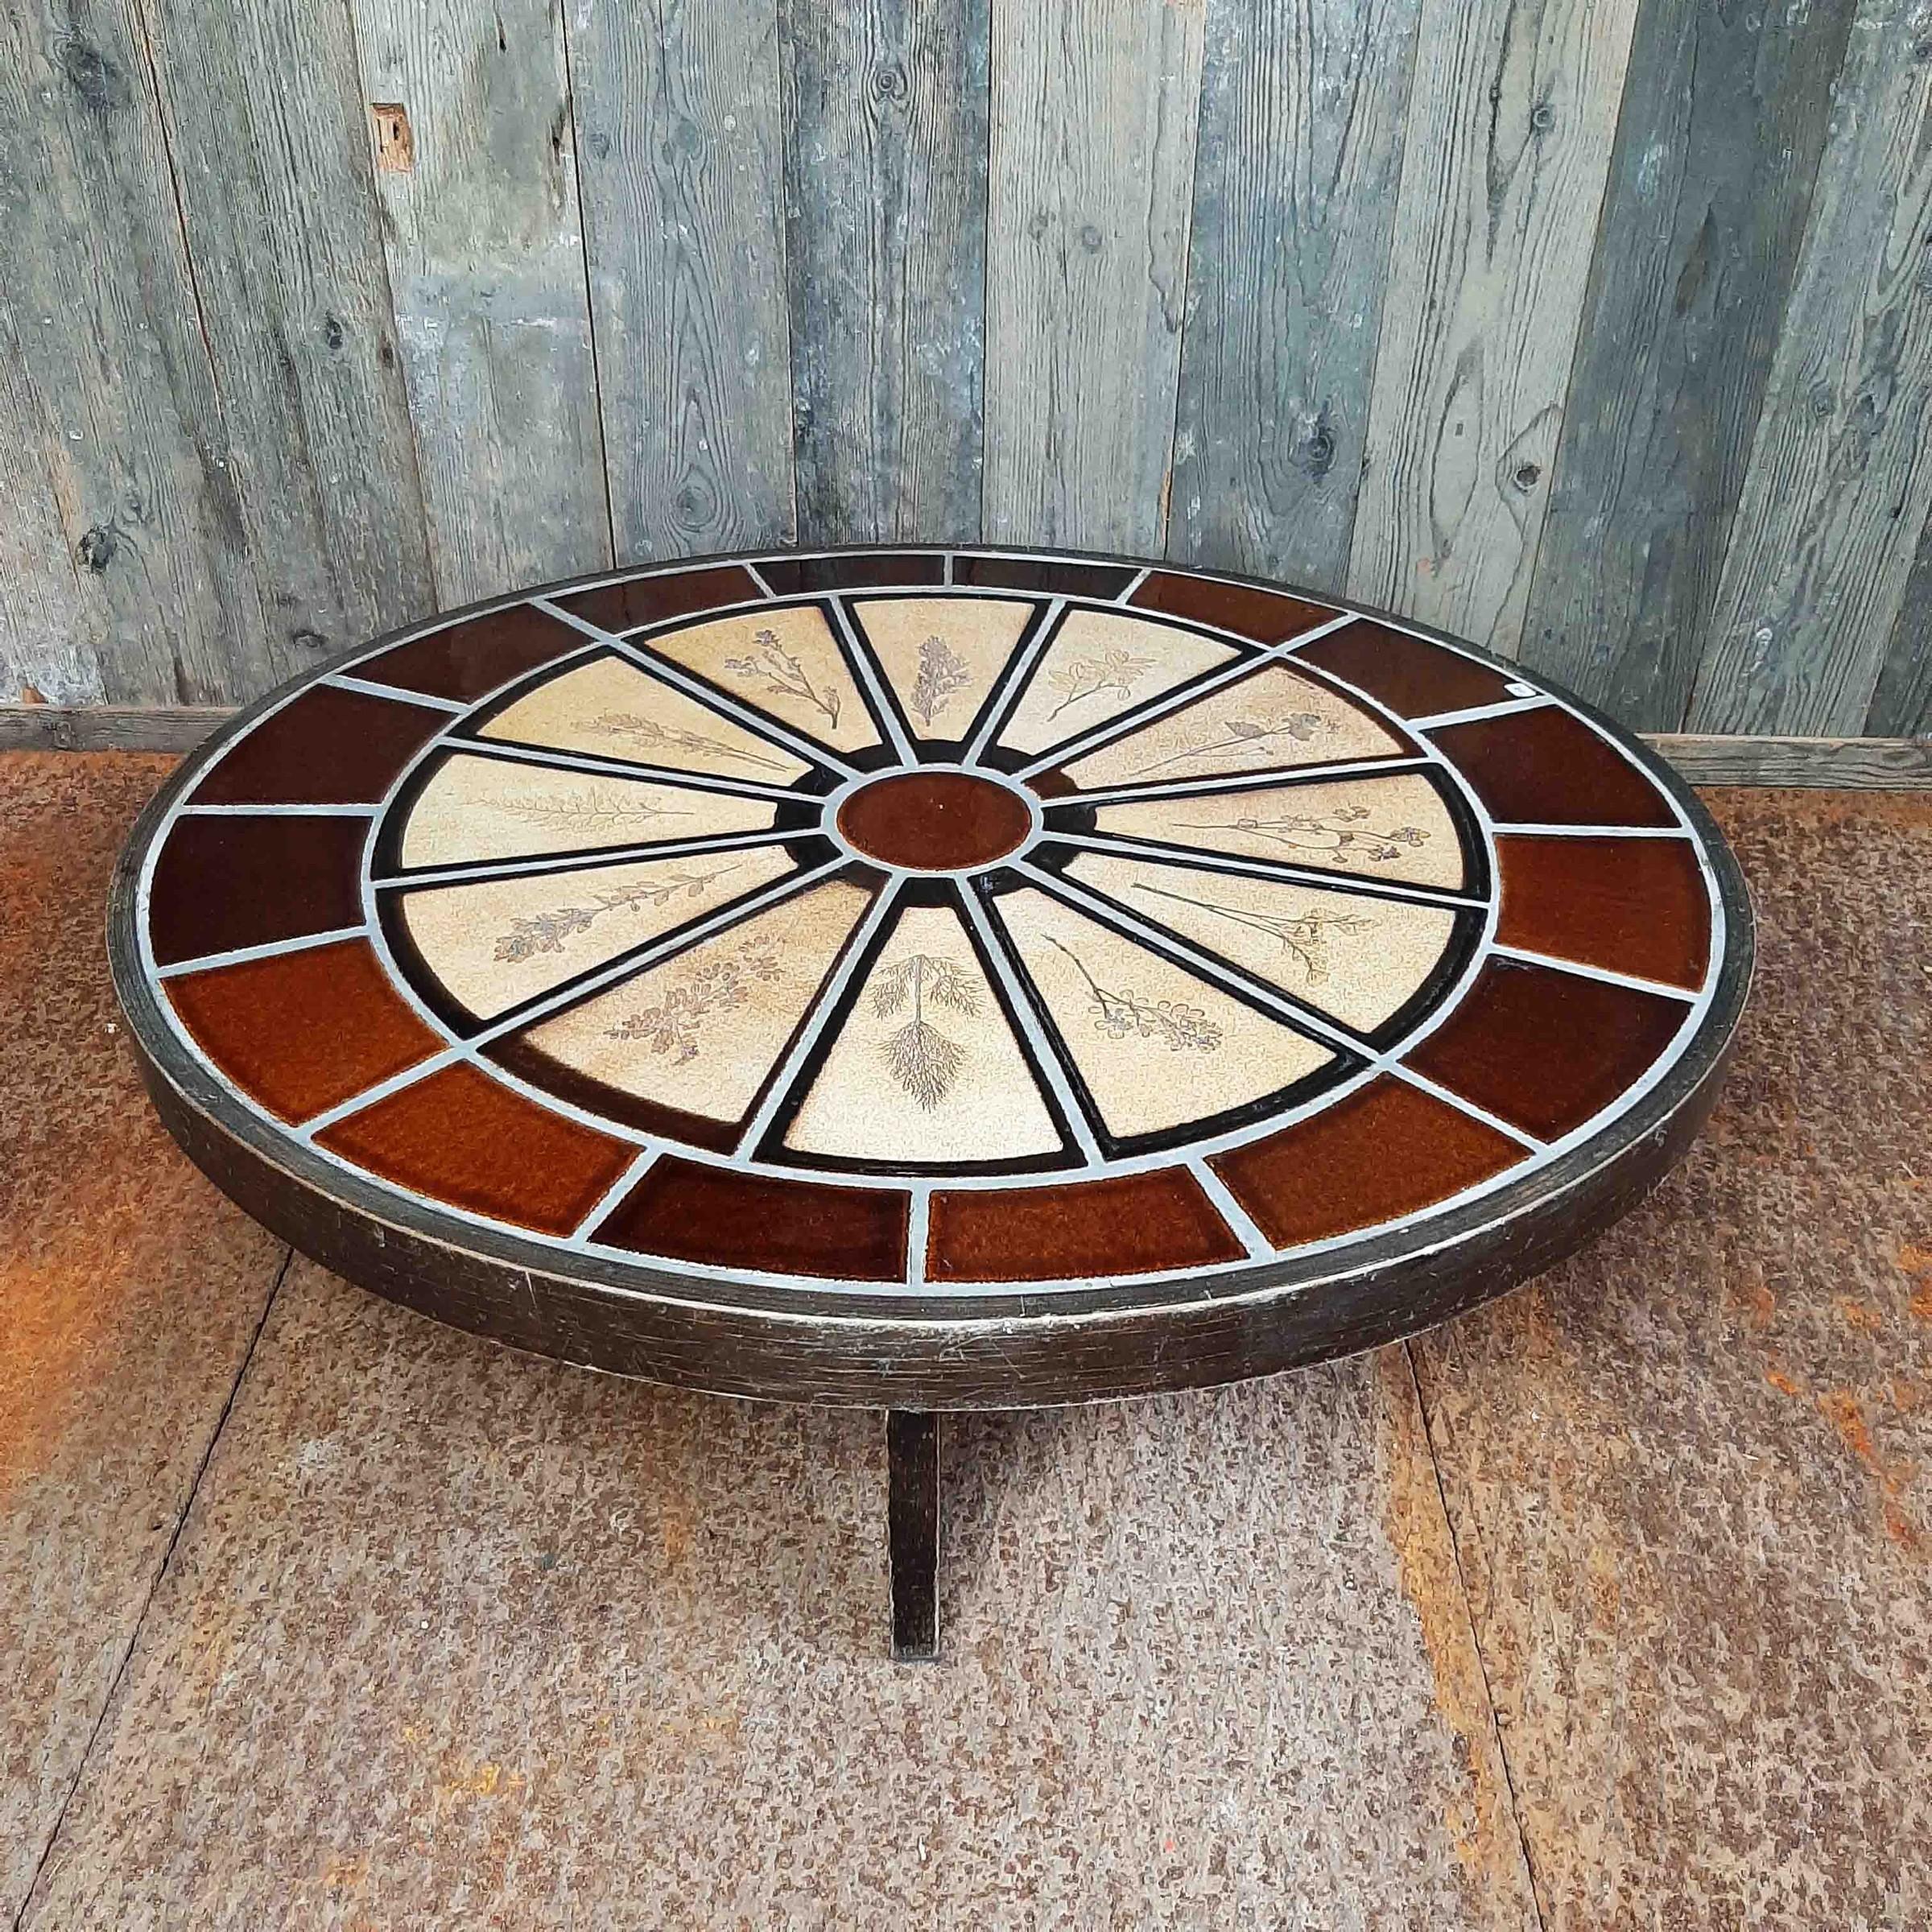 Roger Capron design ovale koffietafel uit de jaren '70